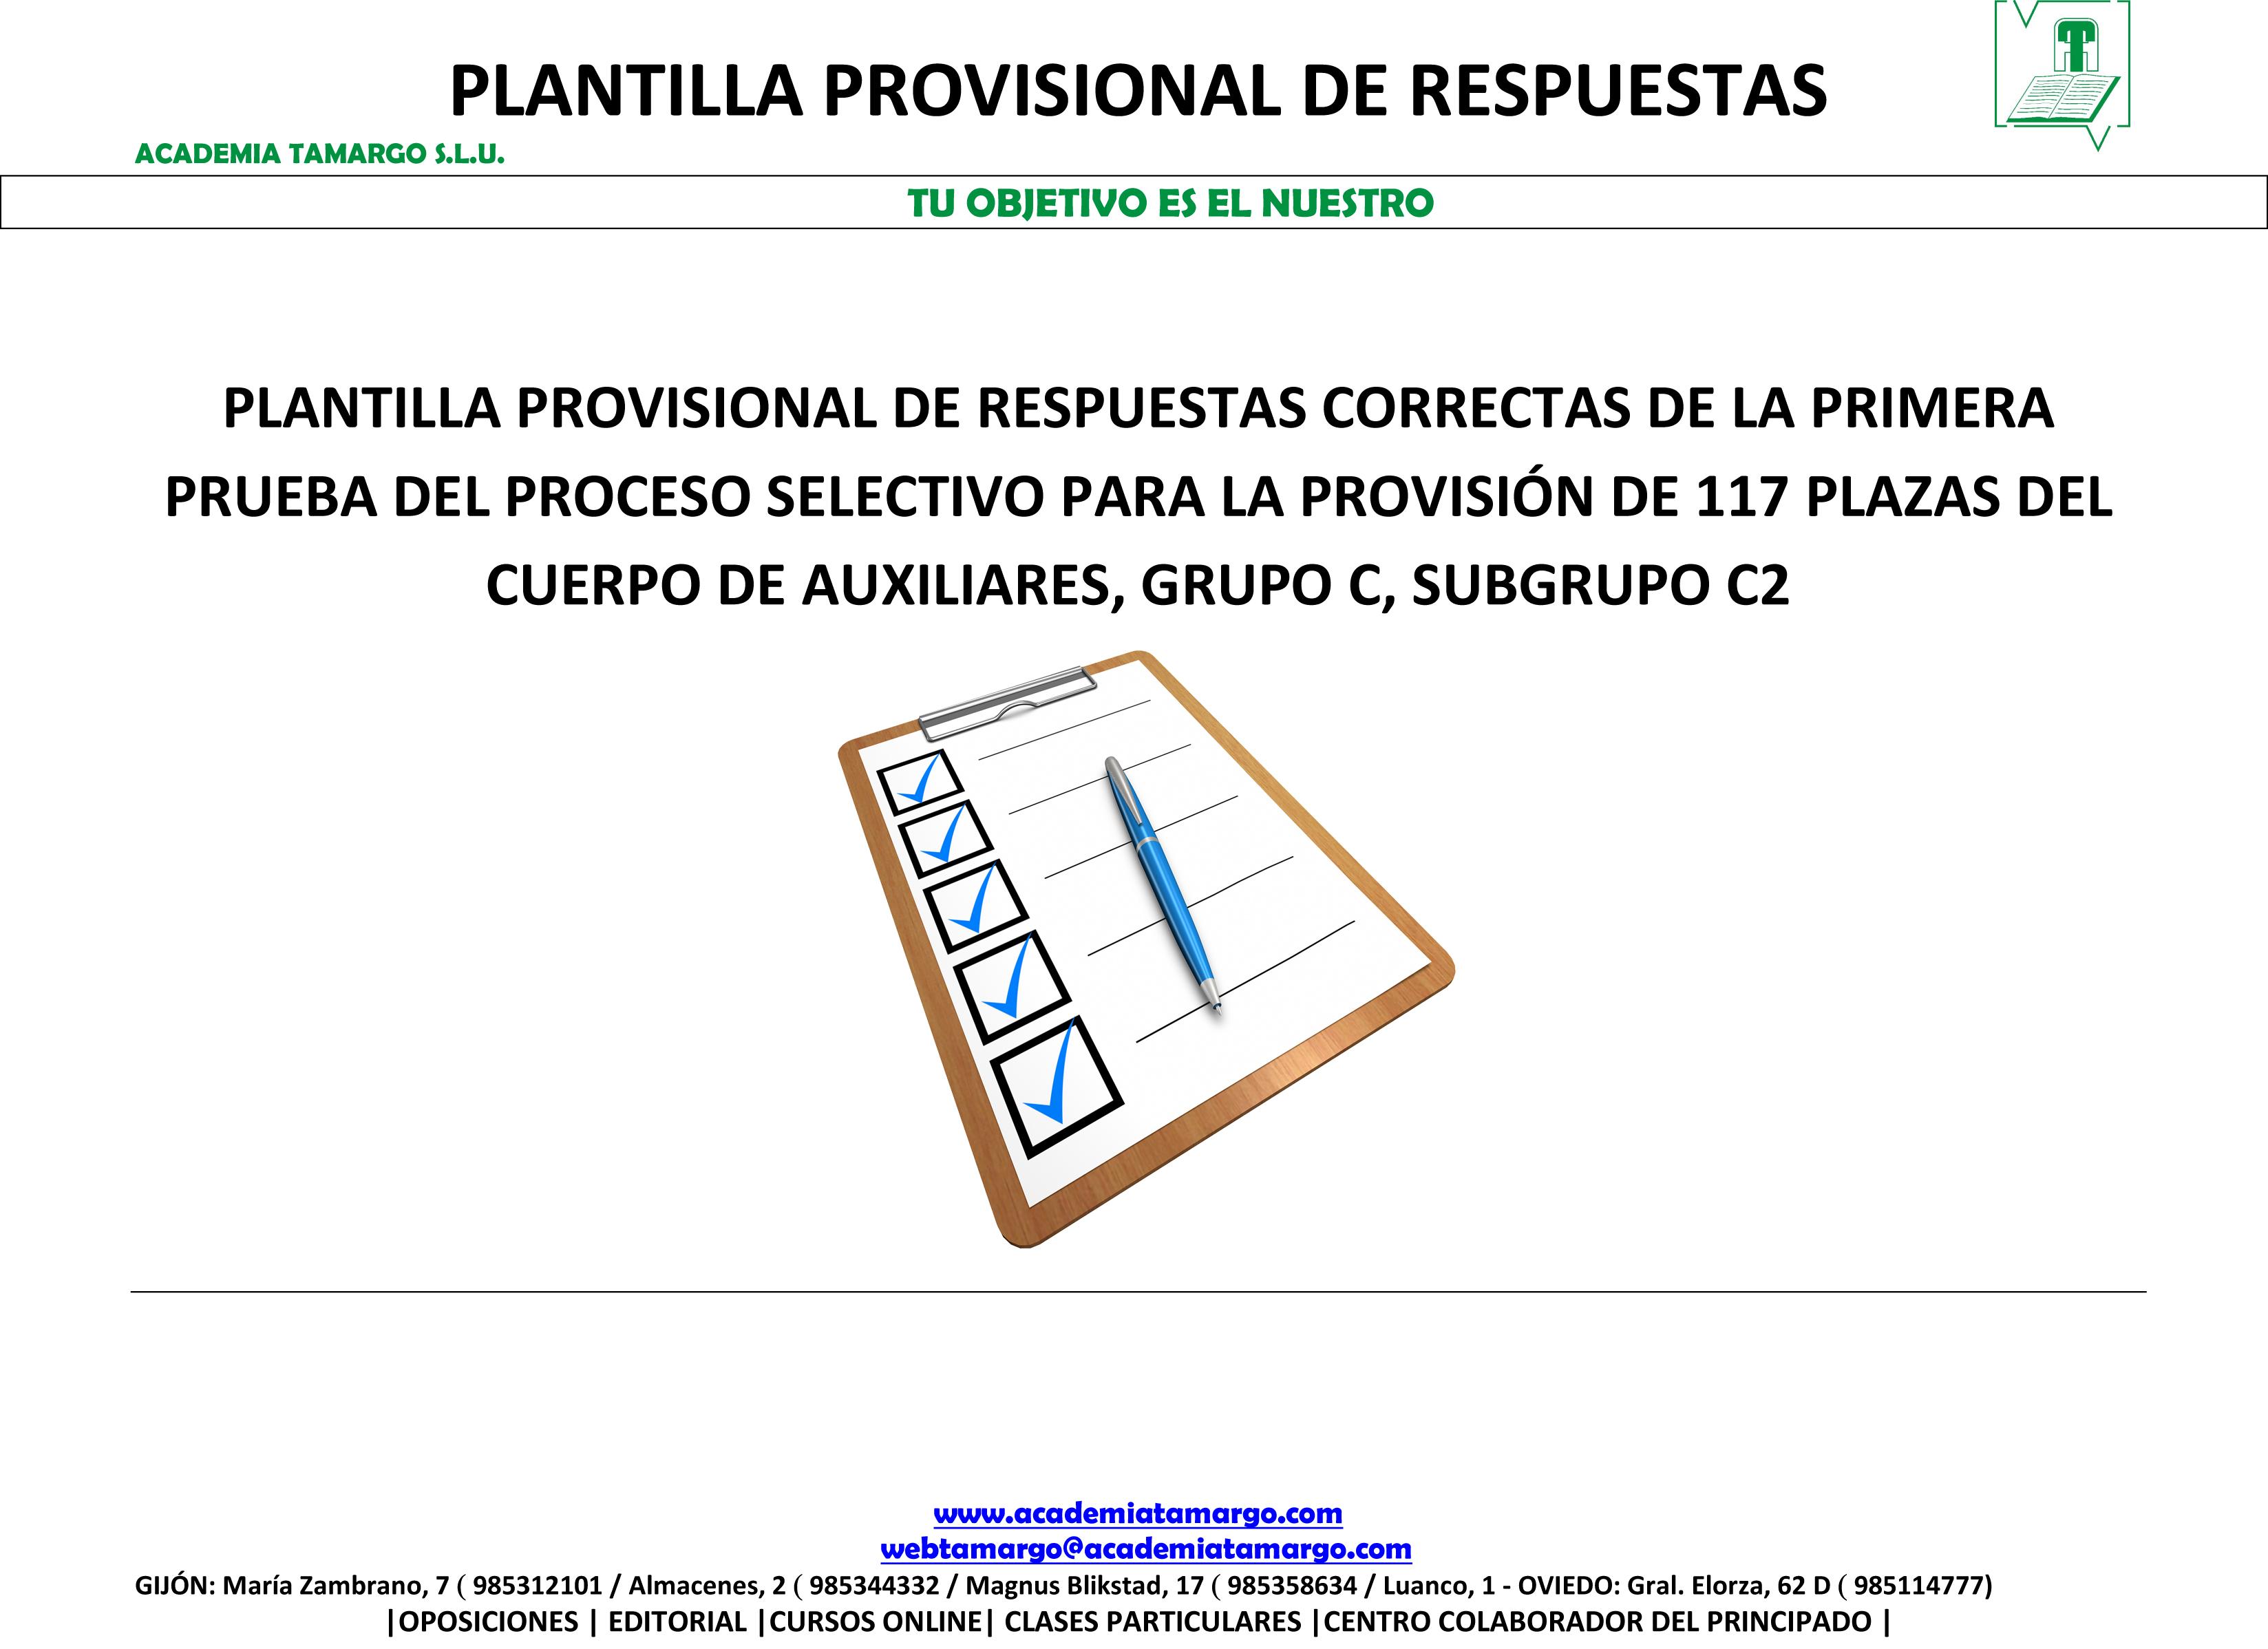 Microsoft Word – PLANTILLA PROVISIONAL DE RESPUESTAS.docx